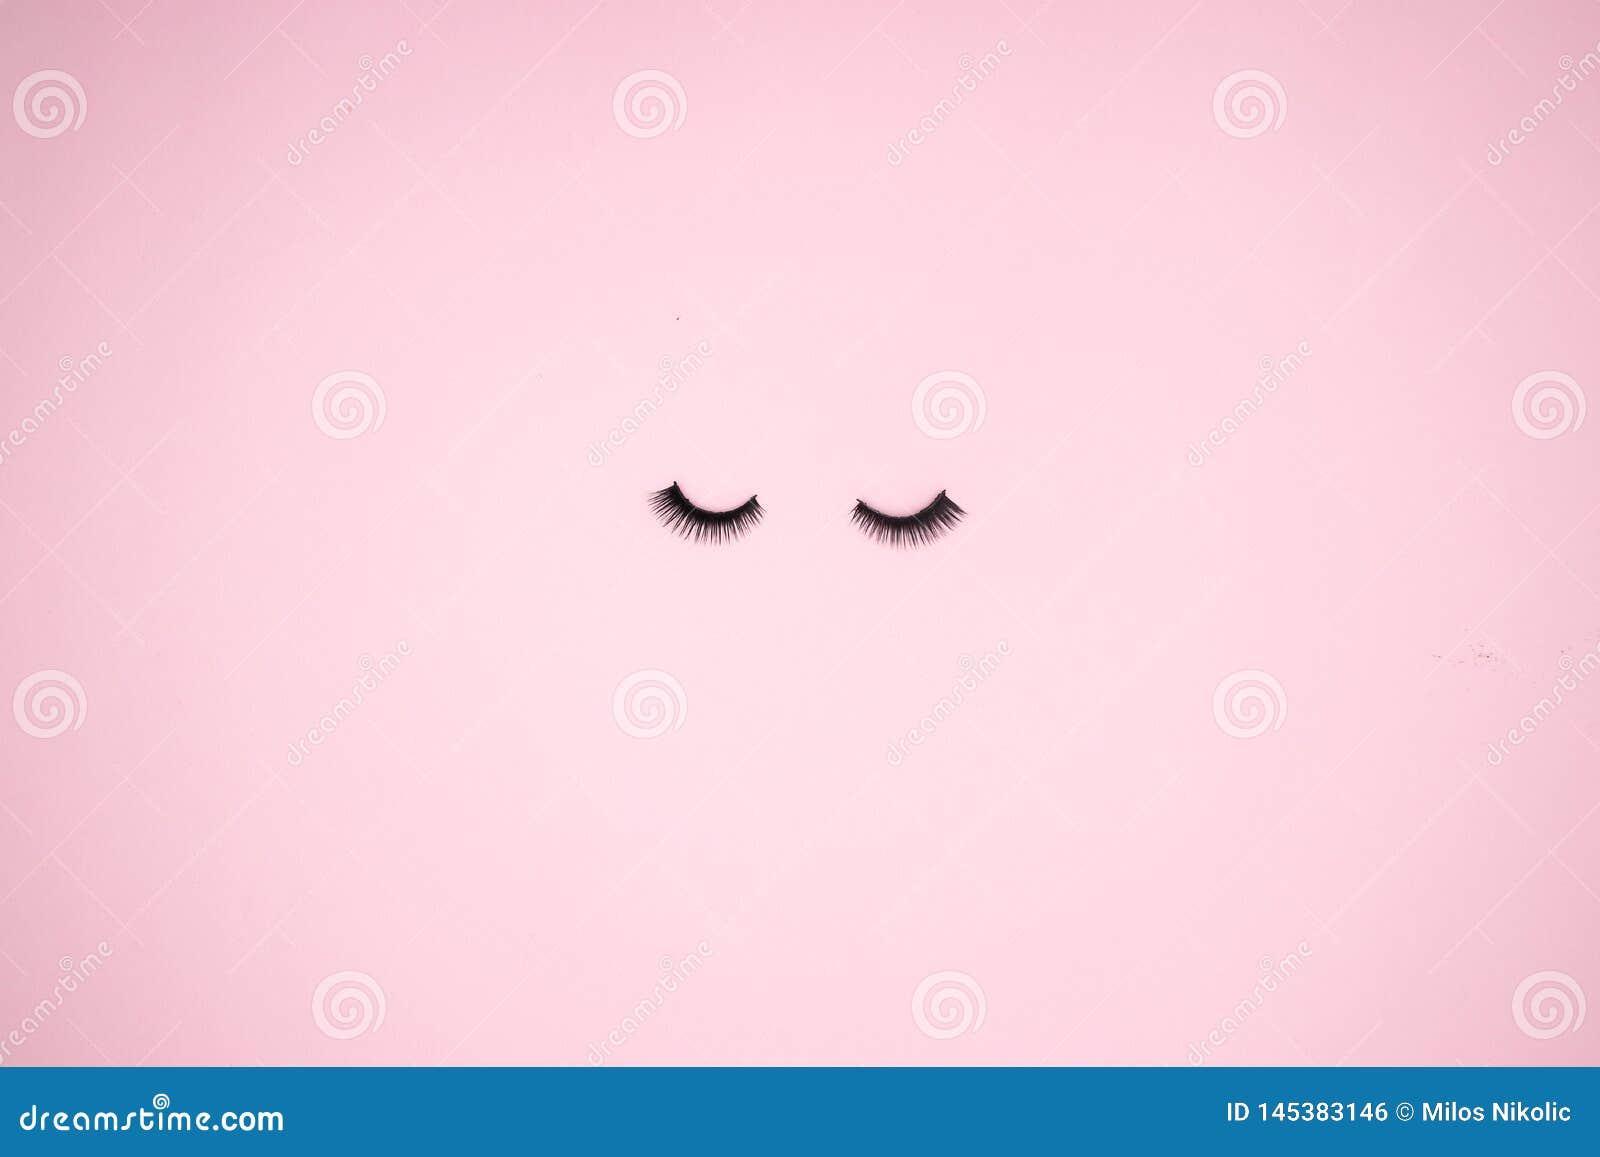 Latigazos del ojo en el fondo rosado